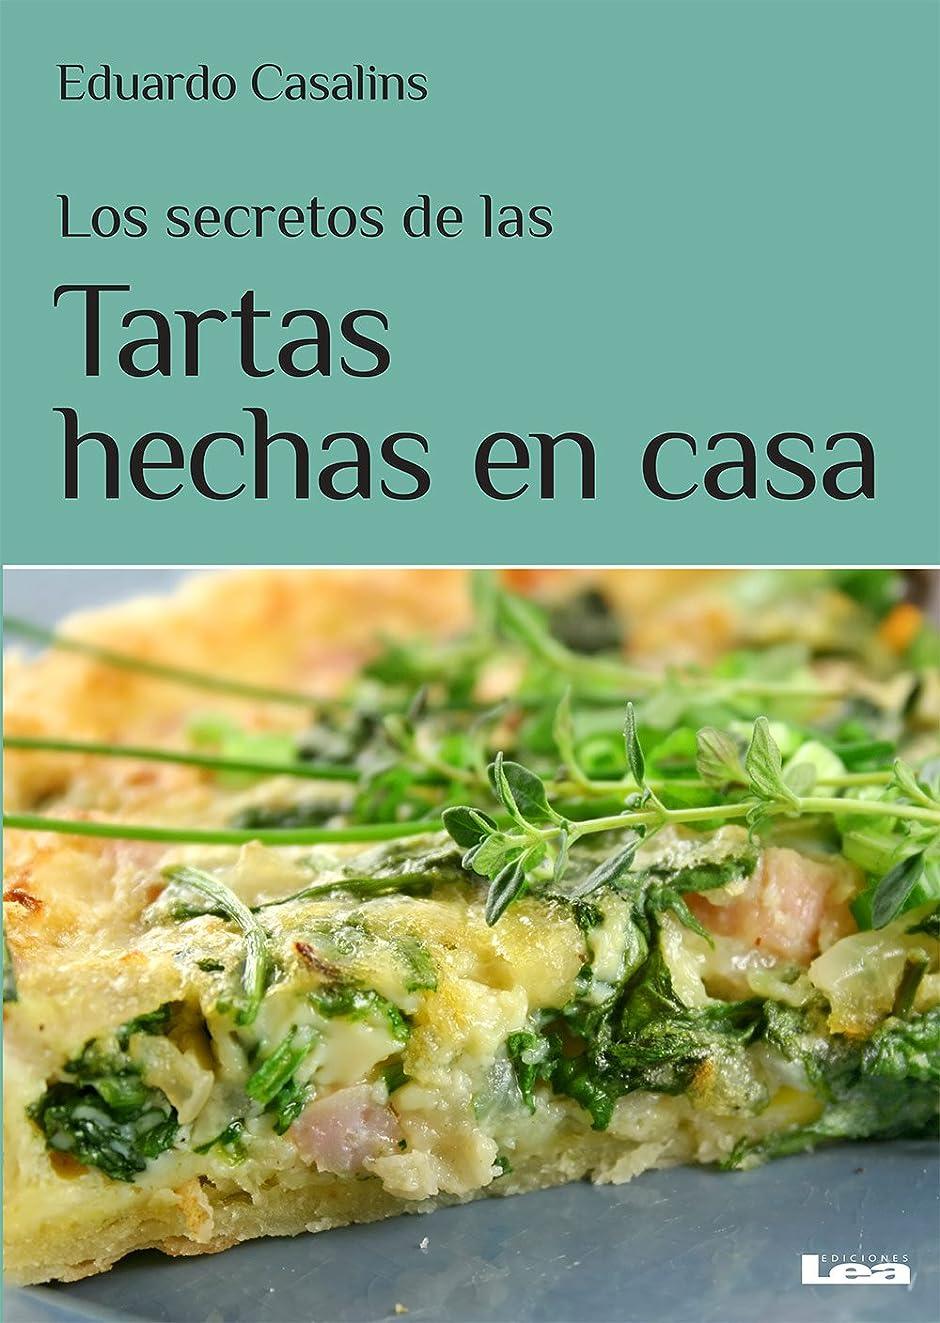 Los secretos de las tartas hechas en casa (Spanish Edition)